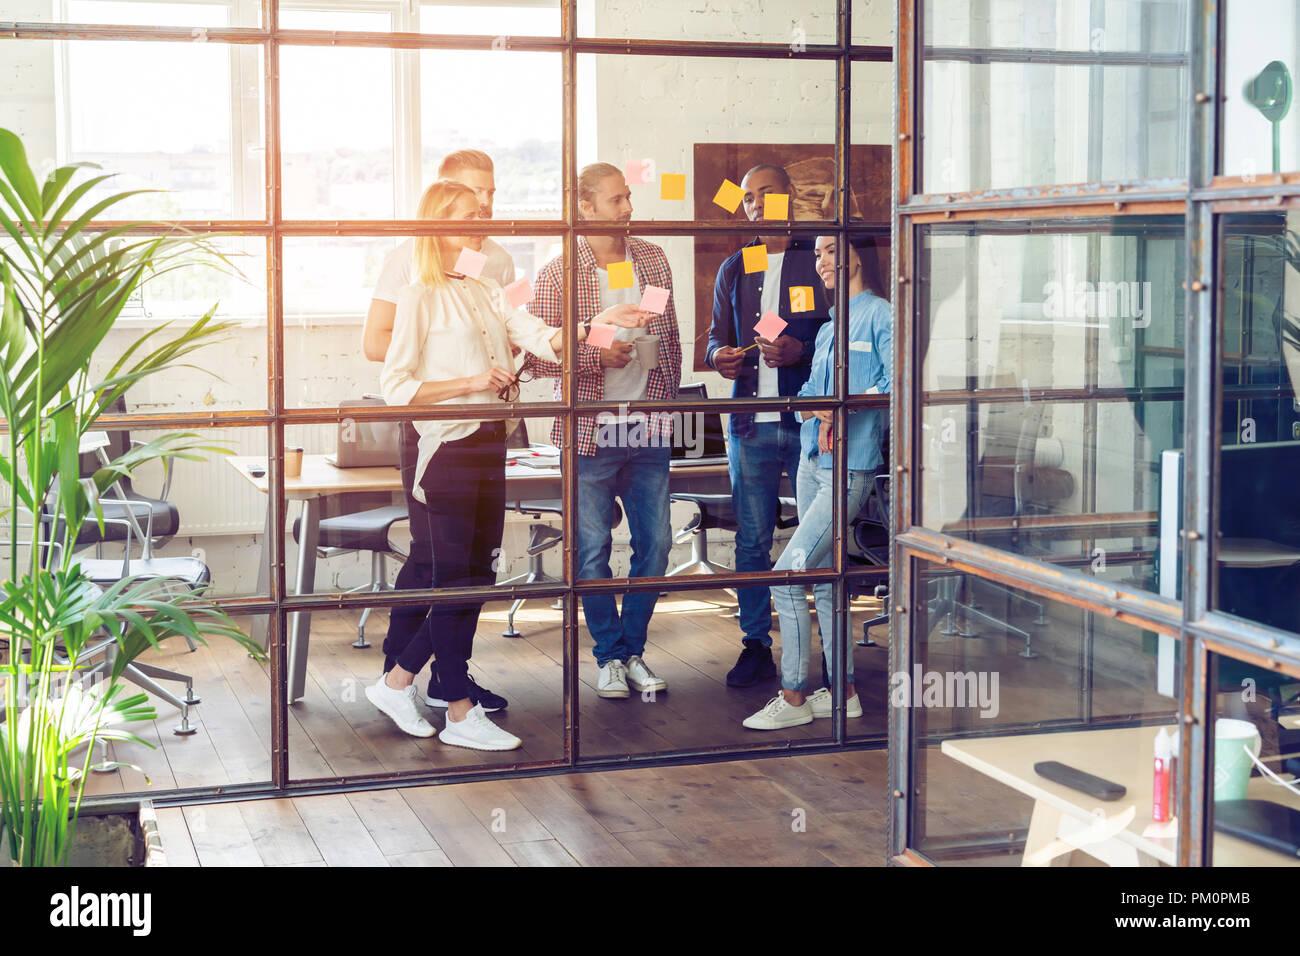 Compartir ideas de negocio. La longitud completa de la joven la gente moderna en smart ropa casual con notas adhesivas estando de pie detrás de la pared de vidrio en la sala de juntas. Imagen De Stock